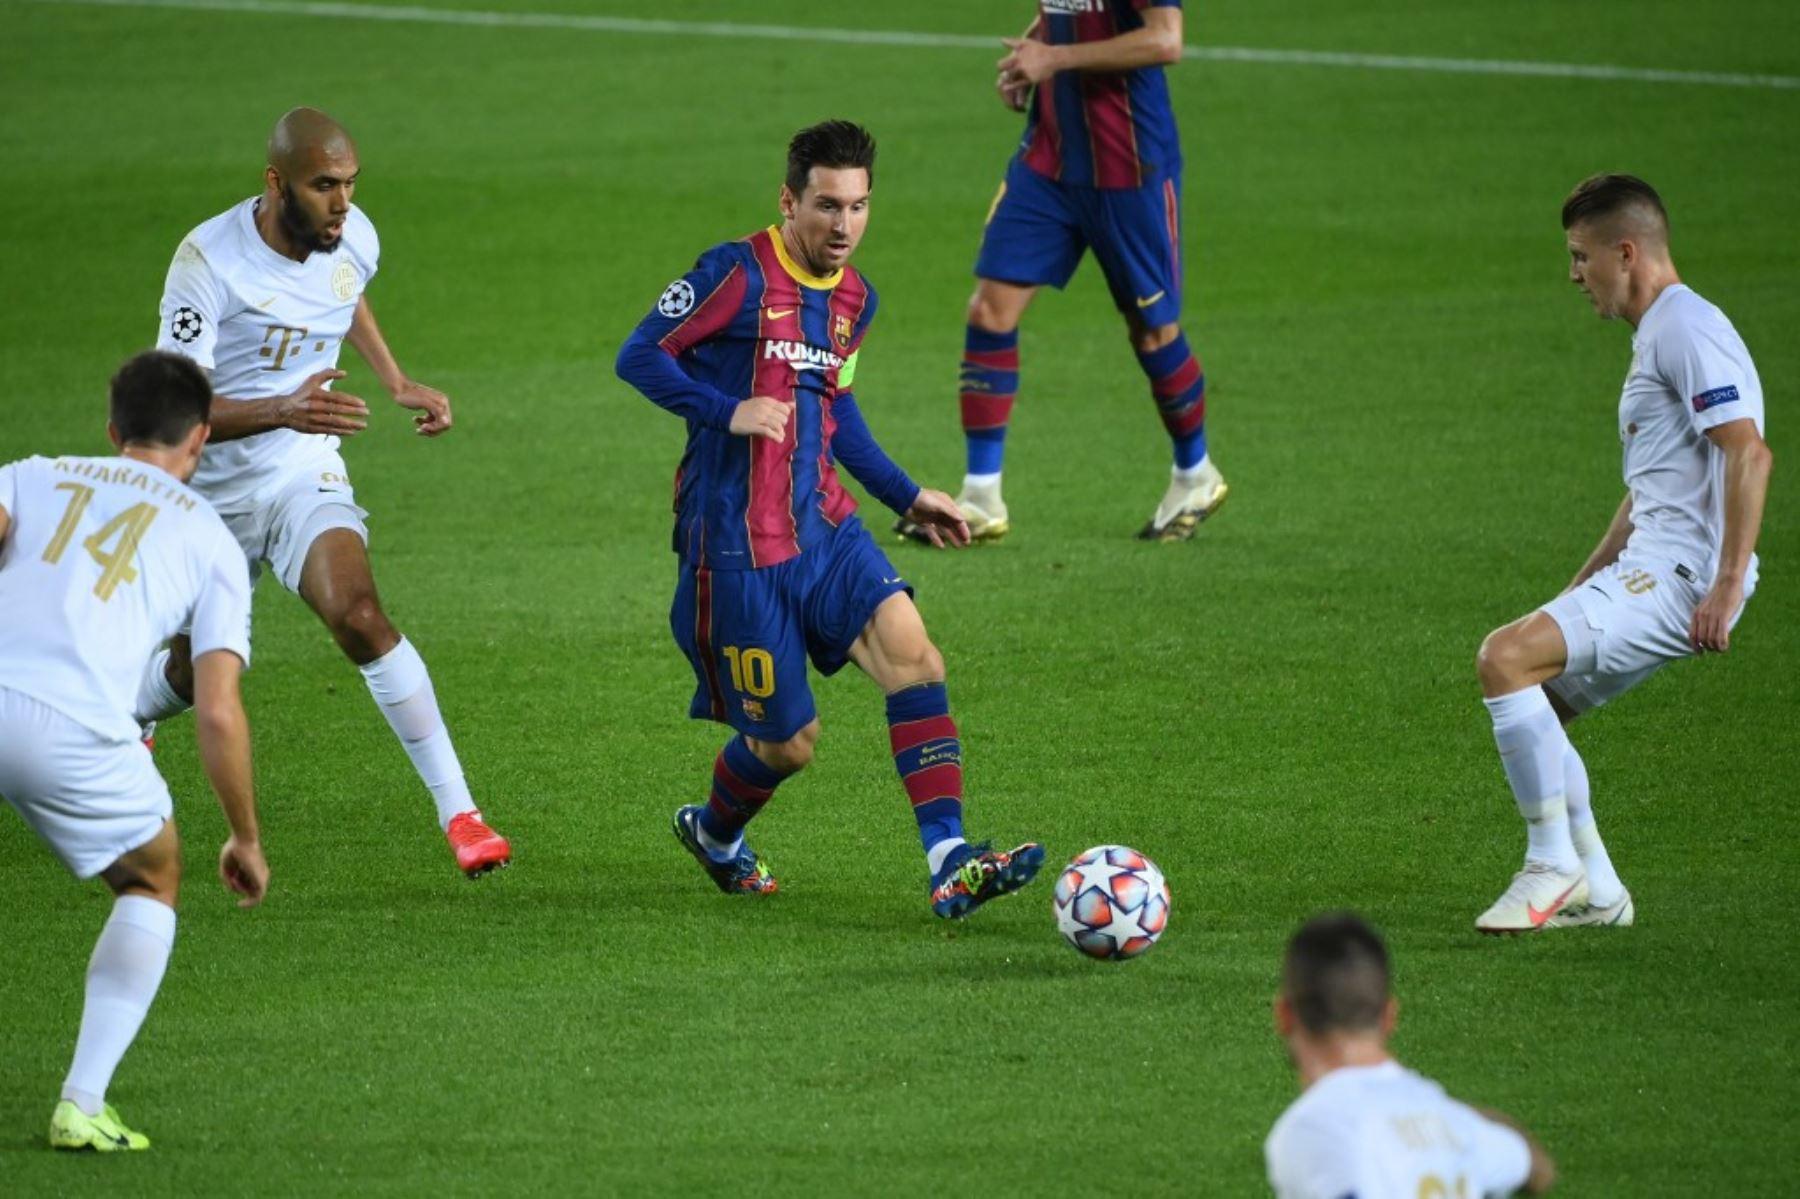 El delantero argentino del Barcelona Lionel Messi desafía la defensa de los Ferencvaros durante el partido de fútbol de la Liga de Campeones de la UEFA entre el FC Barcelona y el Ferencvarosi TC en el estadio Camp Nou de Barcelona el 20 de octubre de 2020. Foto: AFP